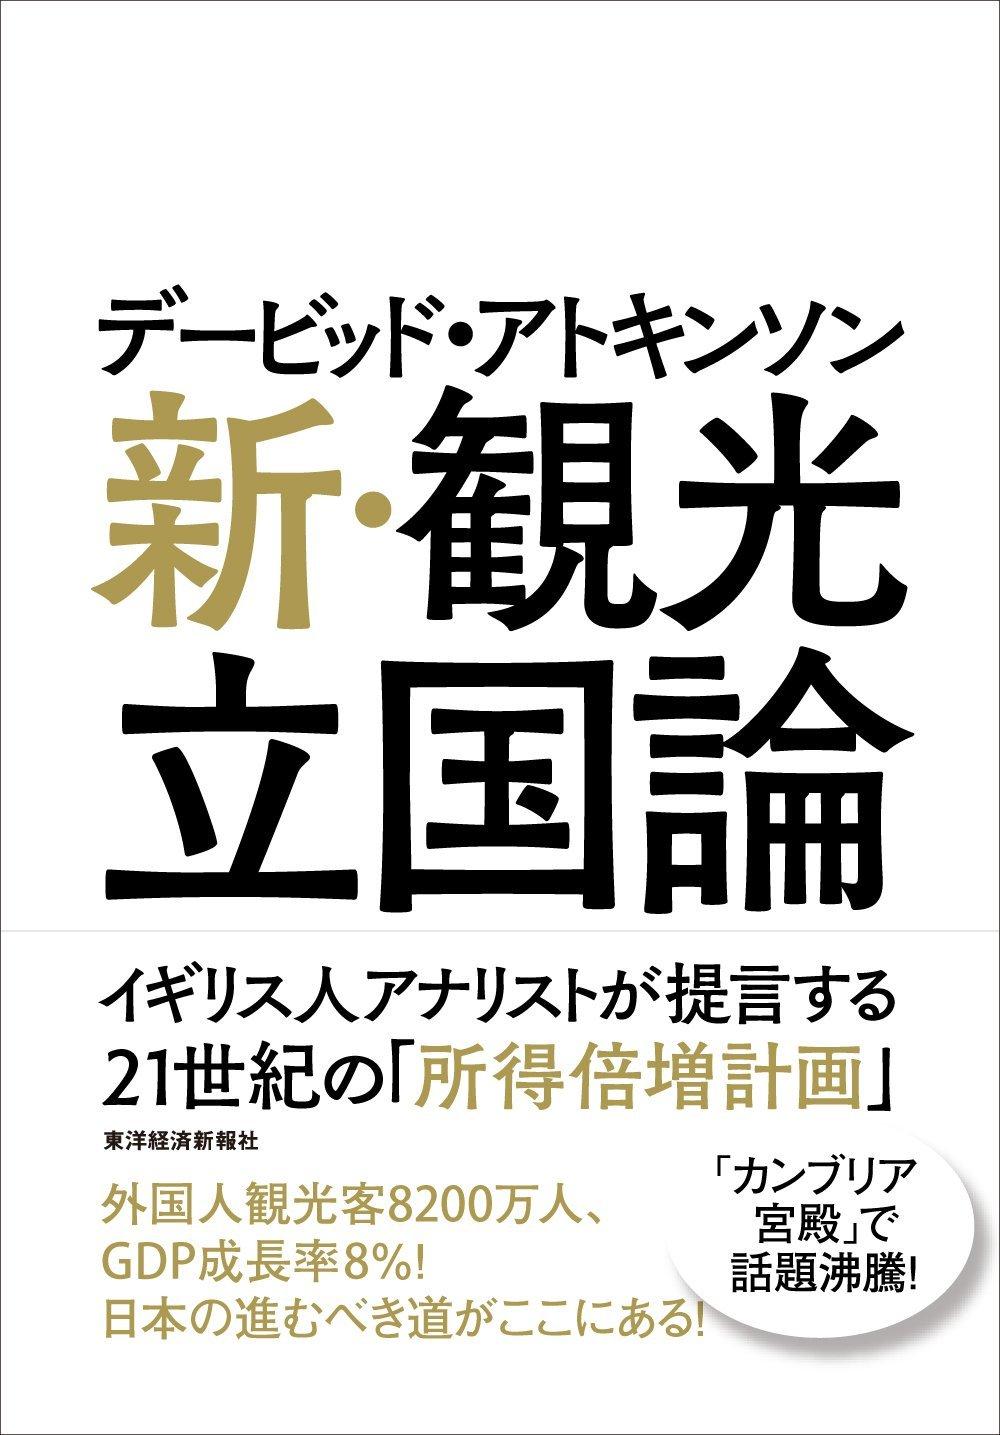 atkinson_shinkankorikkoku.jpg